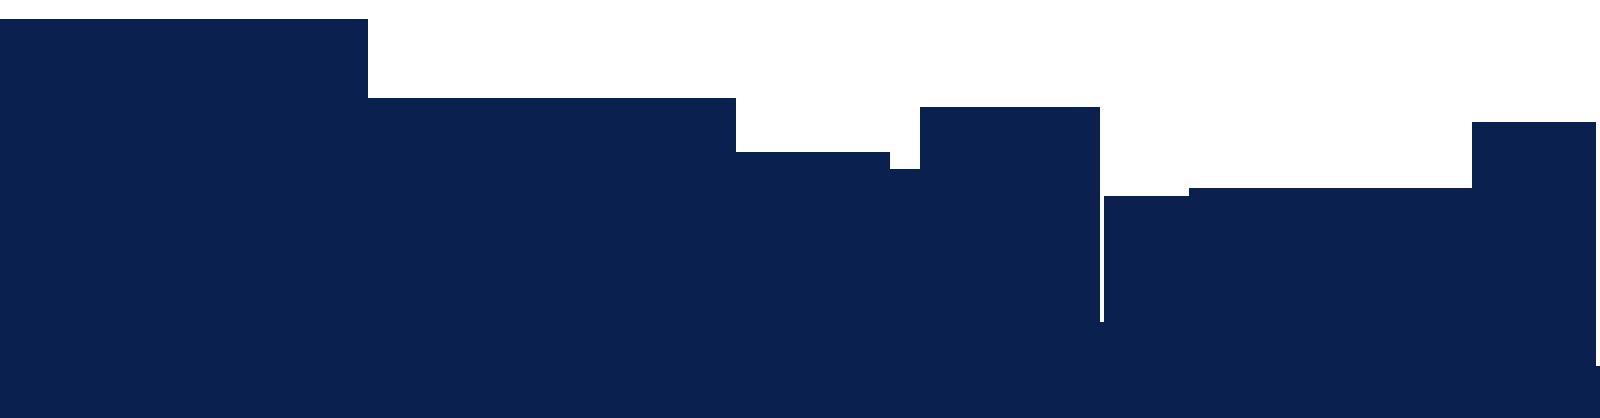 Farbspritzer dunkelblau